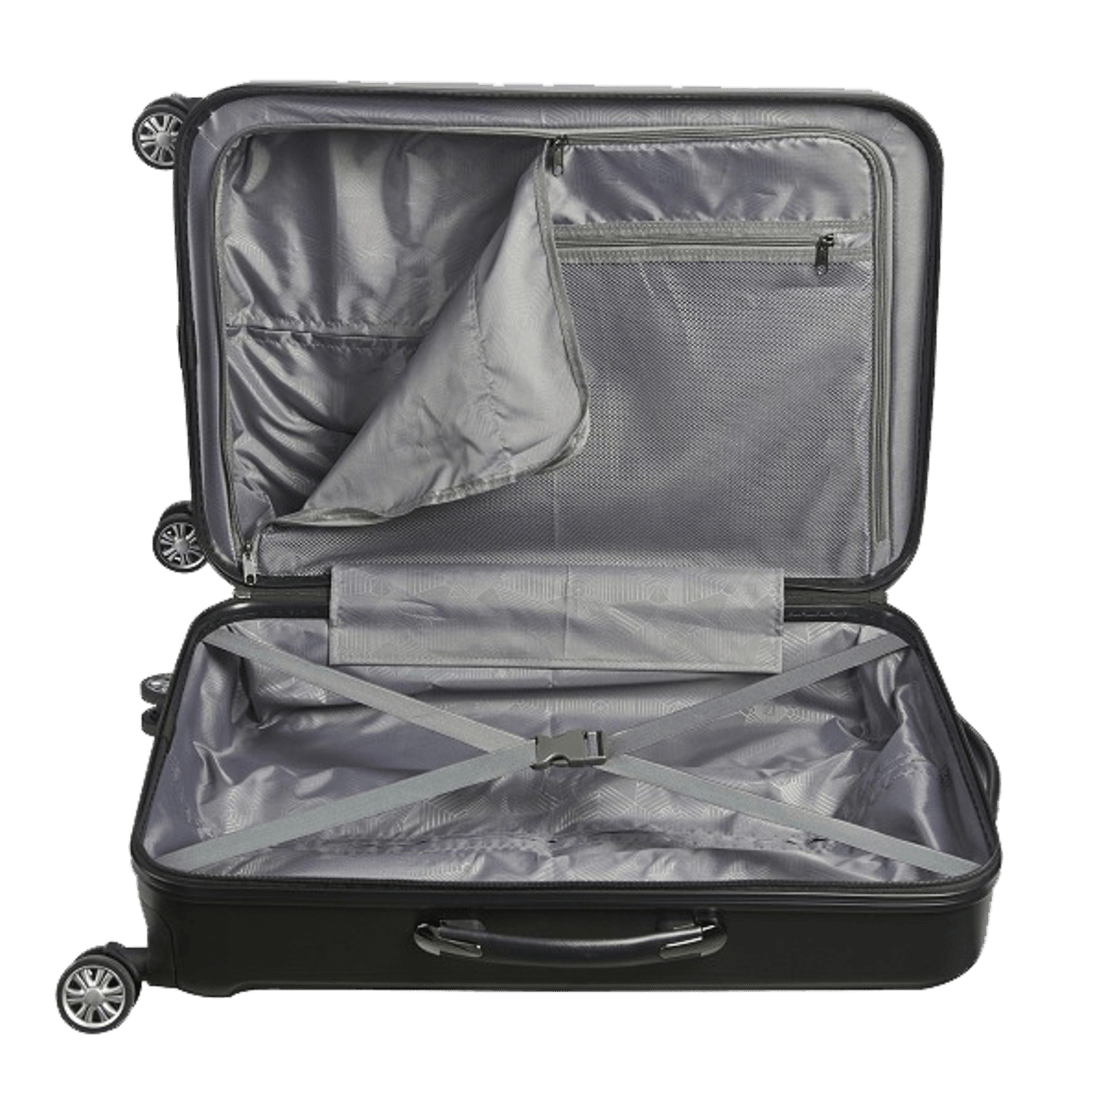 205dc2c104 FUL 3-Piece Hardside Luggage Set